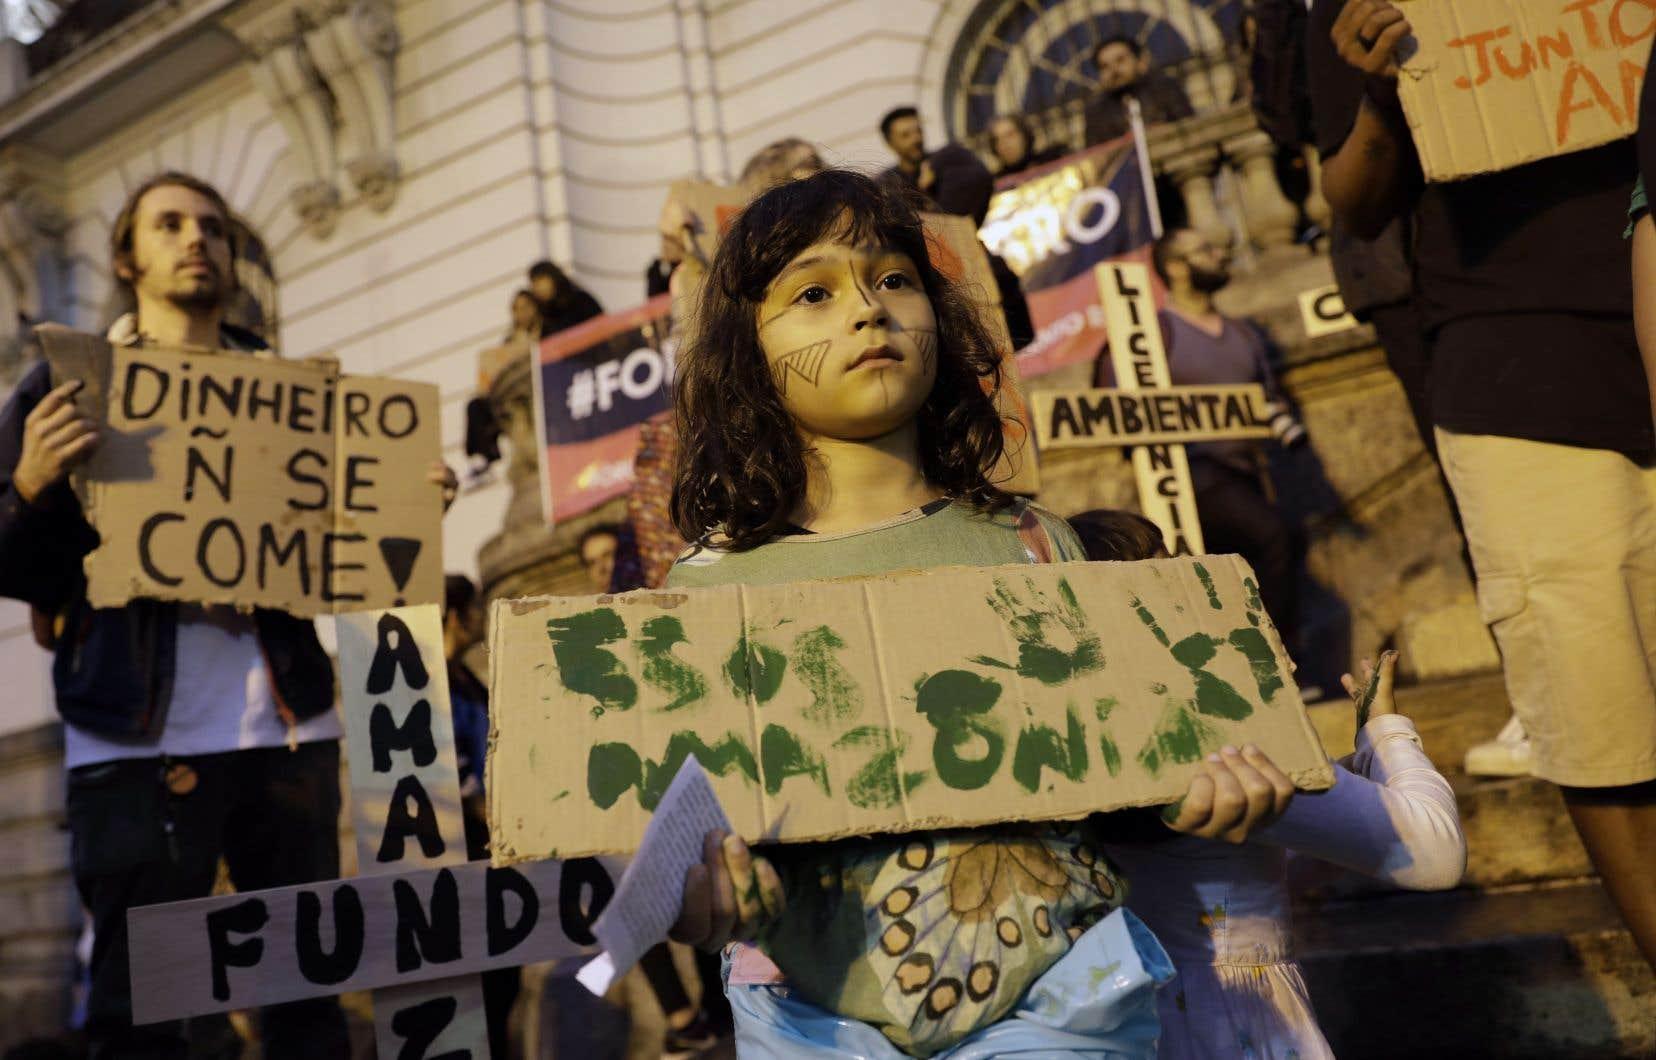 À 86%, selon un sondage récent, les Brésiliens veulent préserver l'Amazonie.